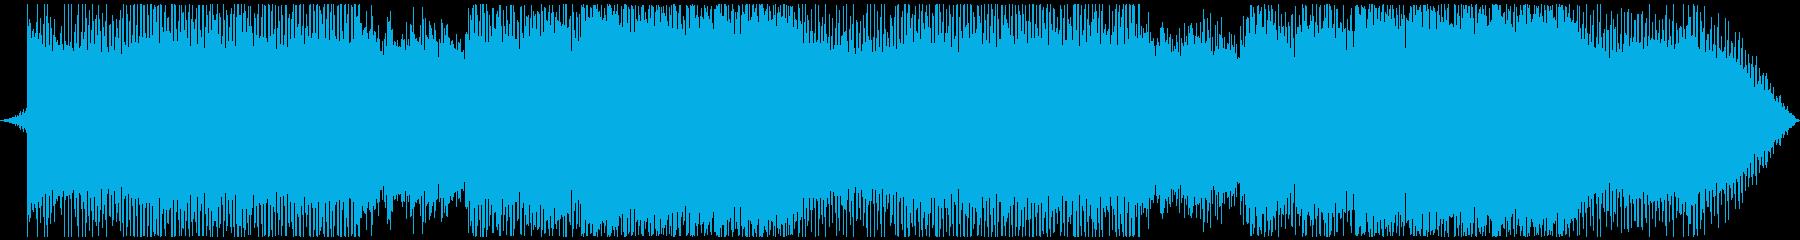 EDM盛り上がる曲・エモいメロディの再生済みの波形